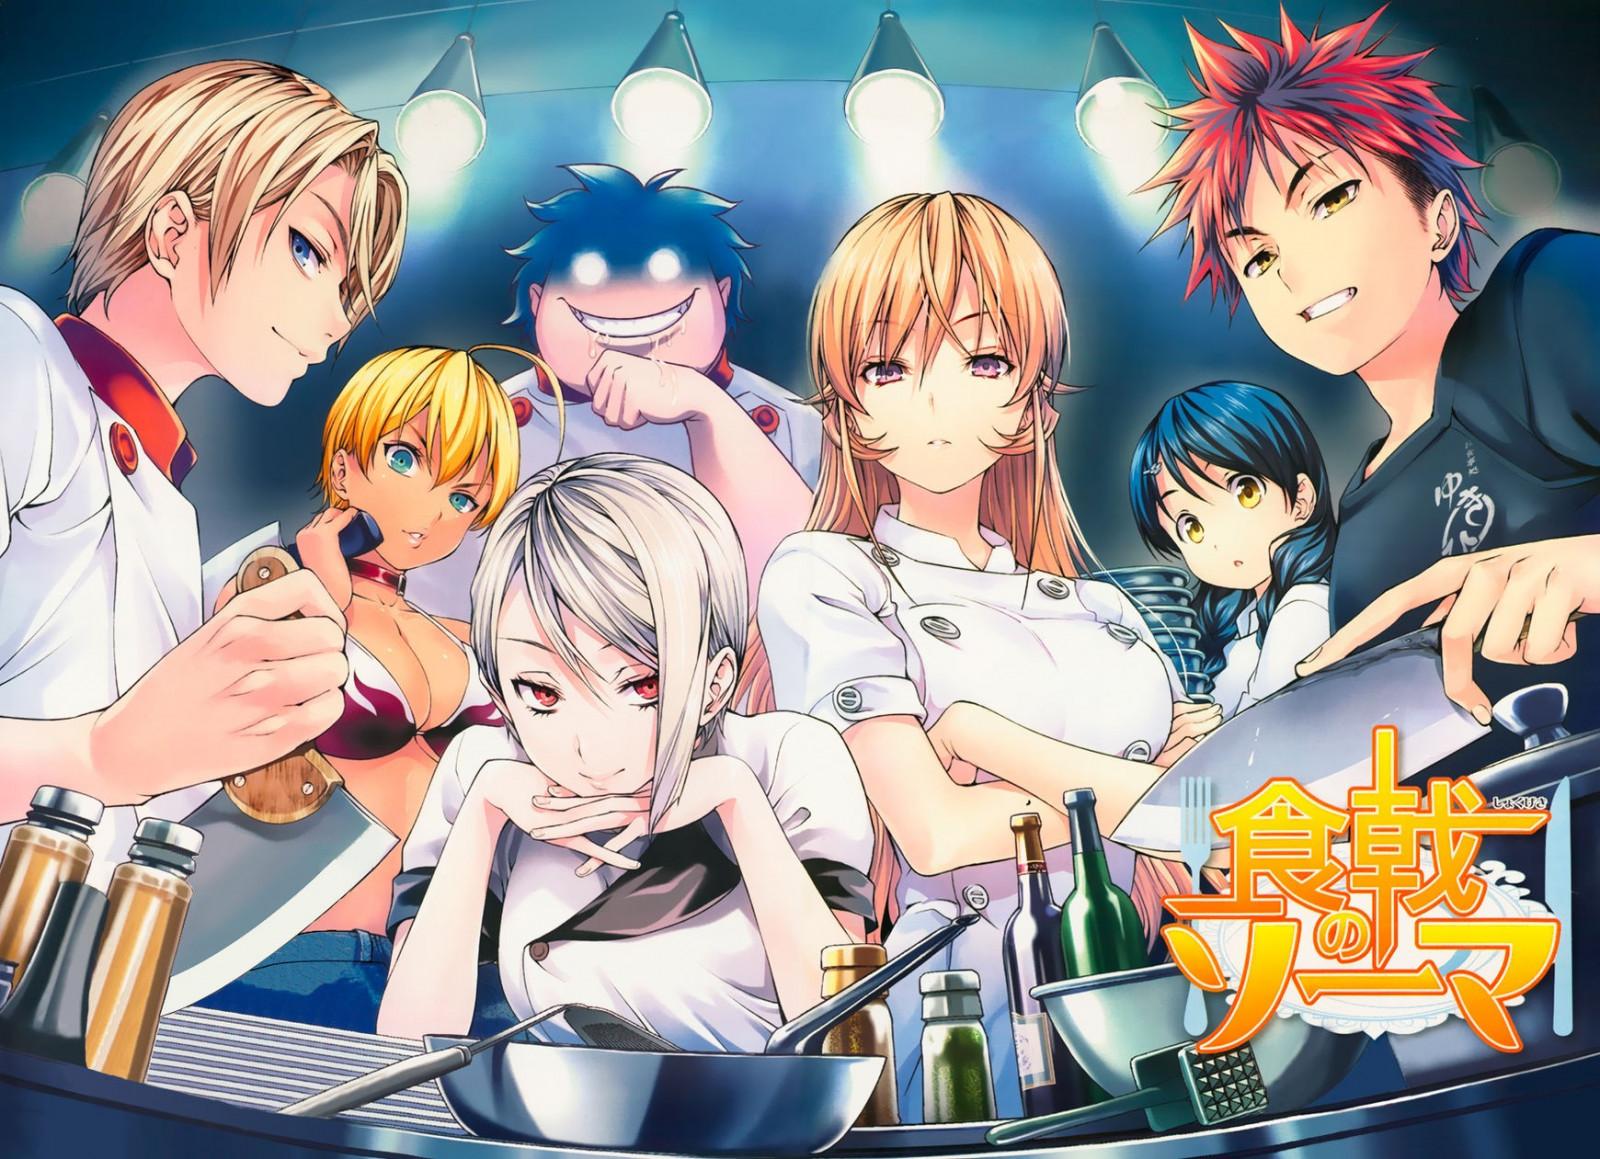 ภาพประกอบ อะนิเมะ อะนิเมะชาย กำลังมองหาผู้ชม มังงะ การ์ตูน Shokugeki no Souma Nakiri Erina Yukihira Soma Tadokoro Megumi Aldini Takumi Nakiri Alice Mito Ikumi Aldini Isami มังงะ หนังสือการ์ตูน